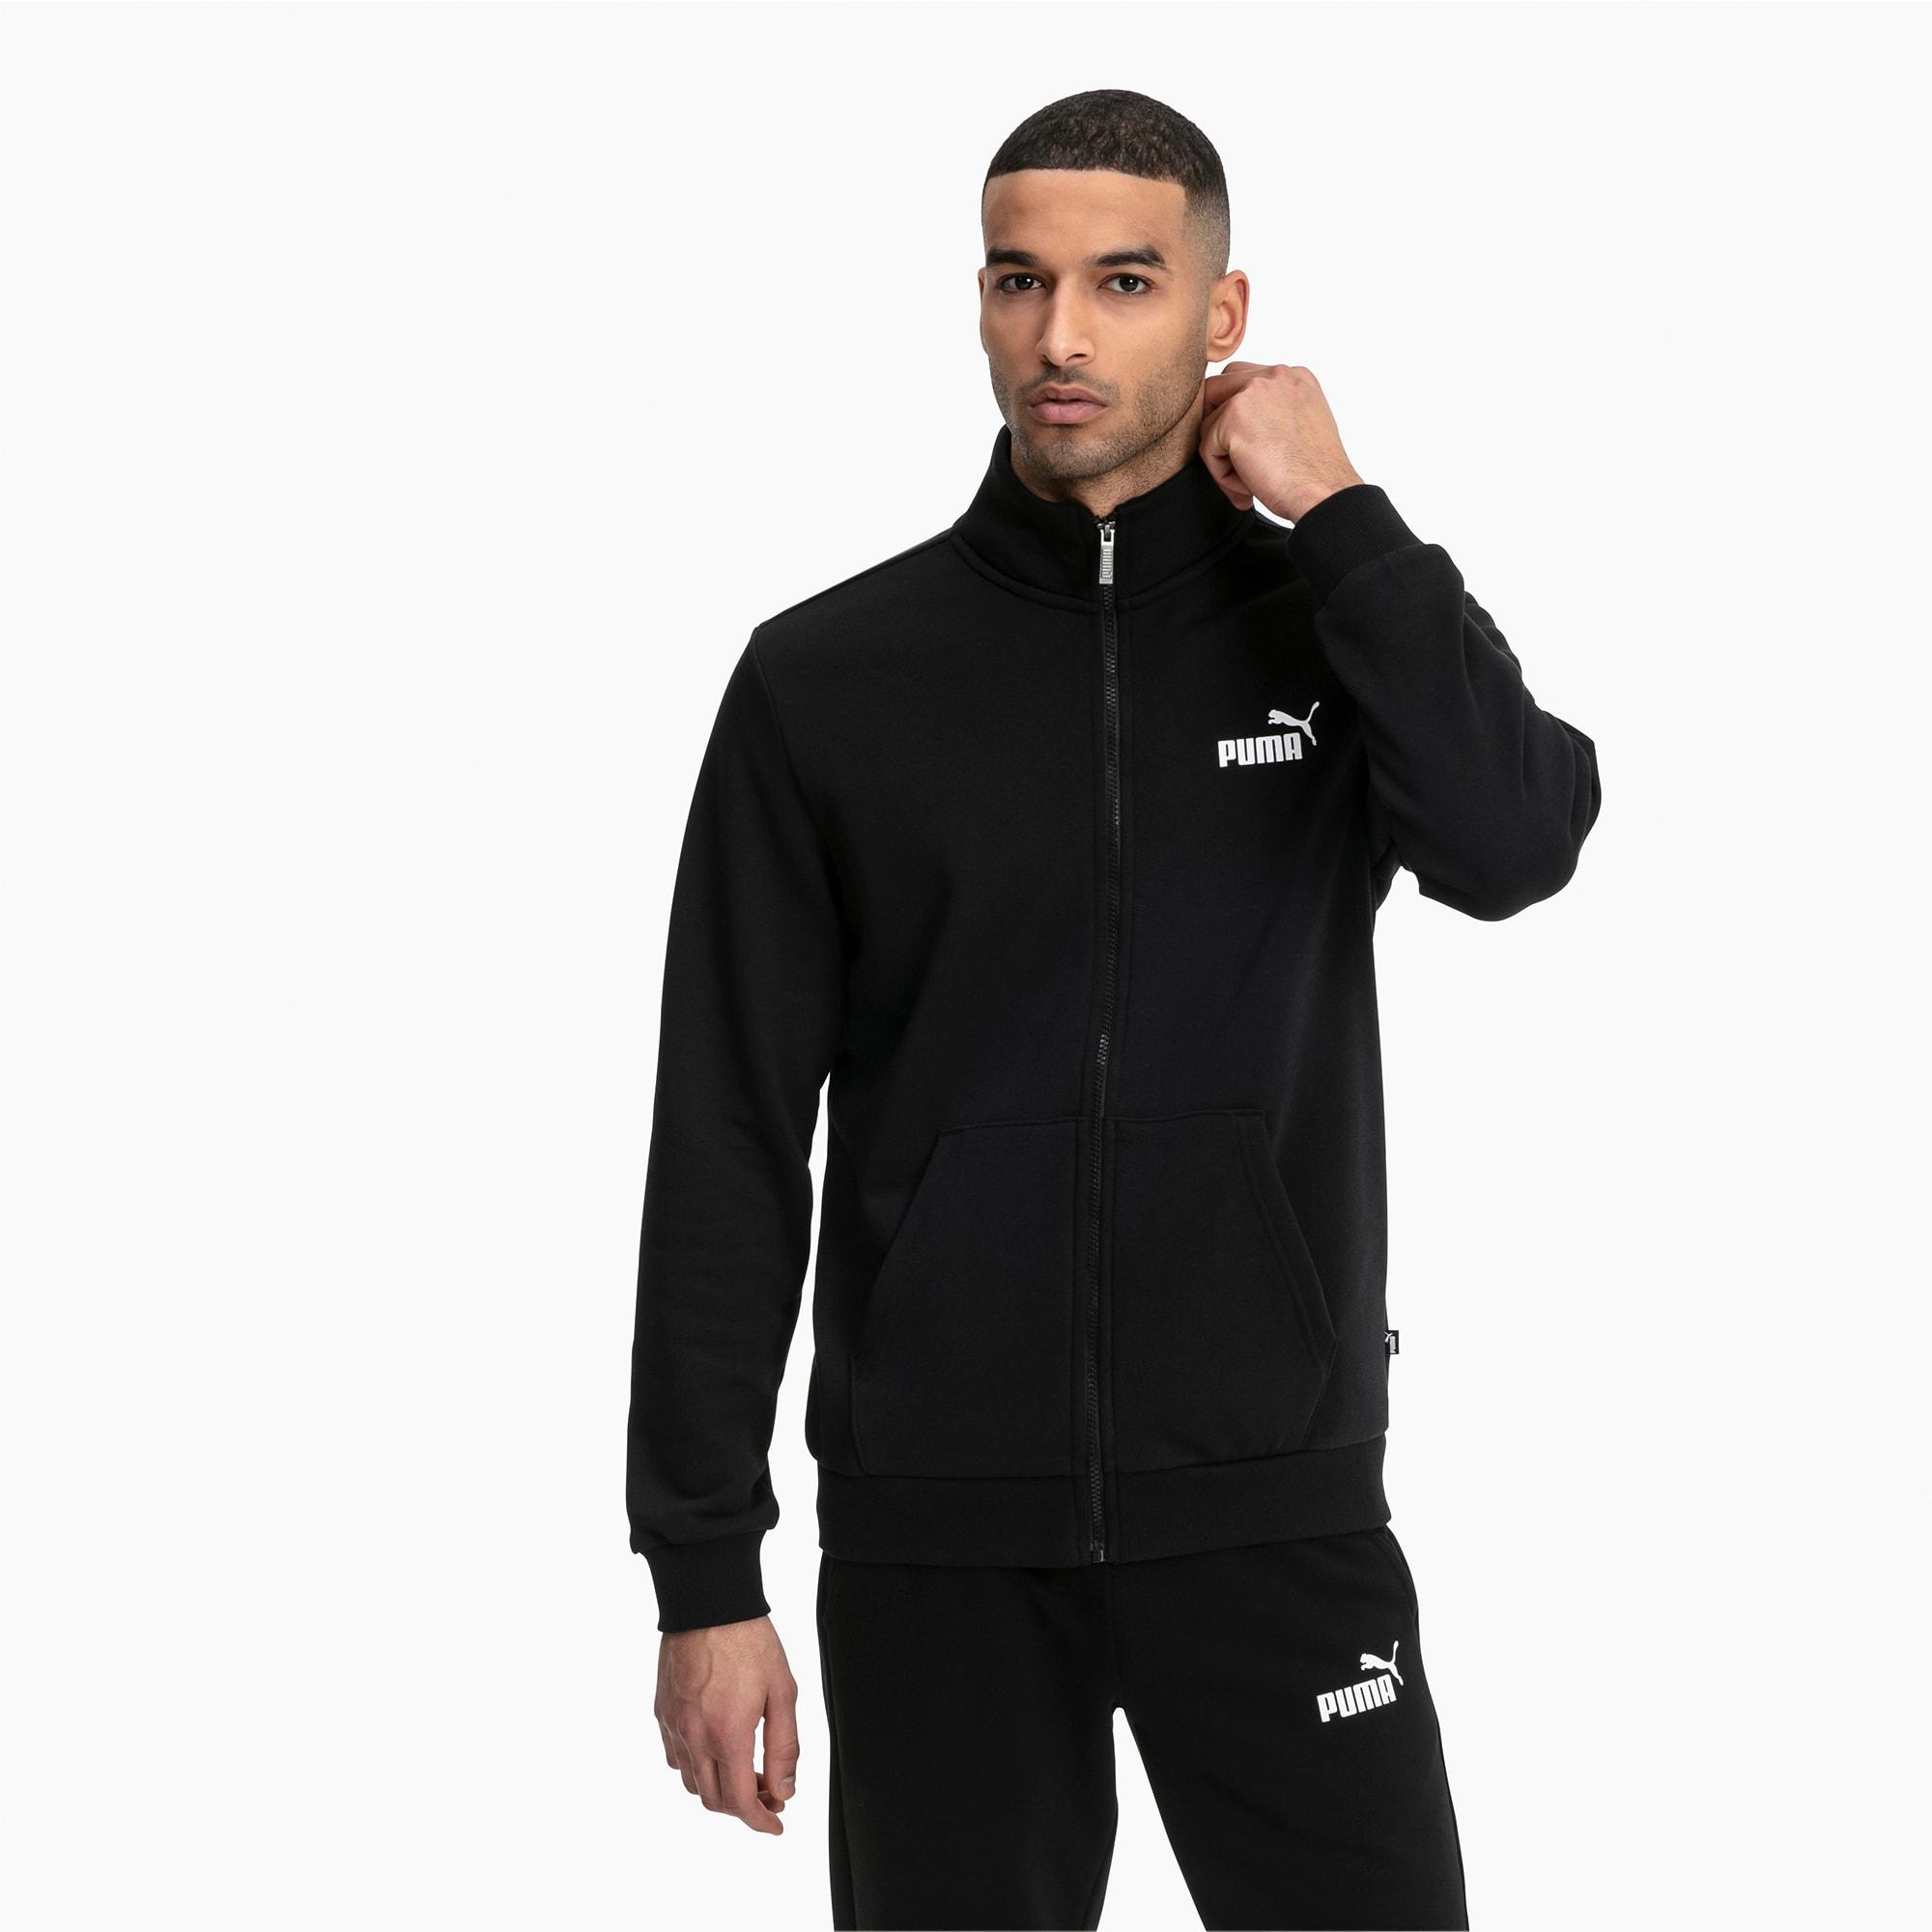 blouson en sweat essentials pour homme, noir, taille l, vêtements